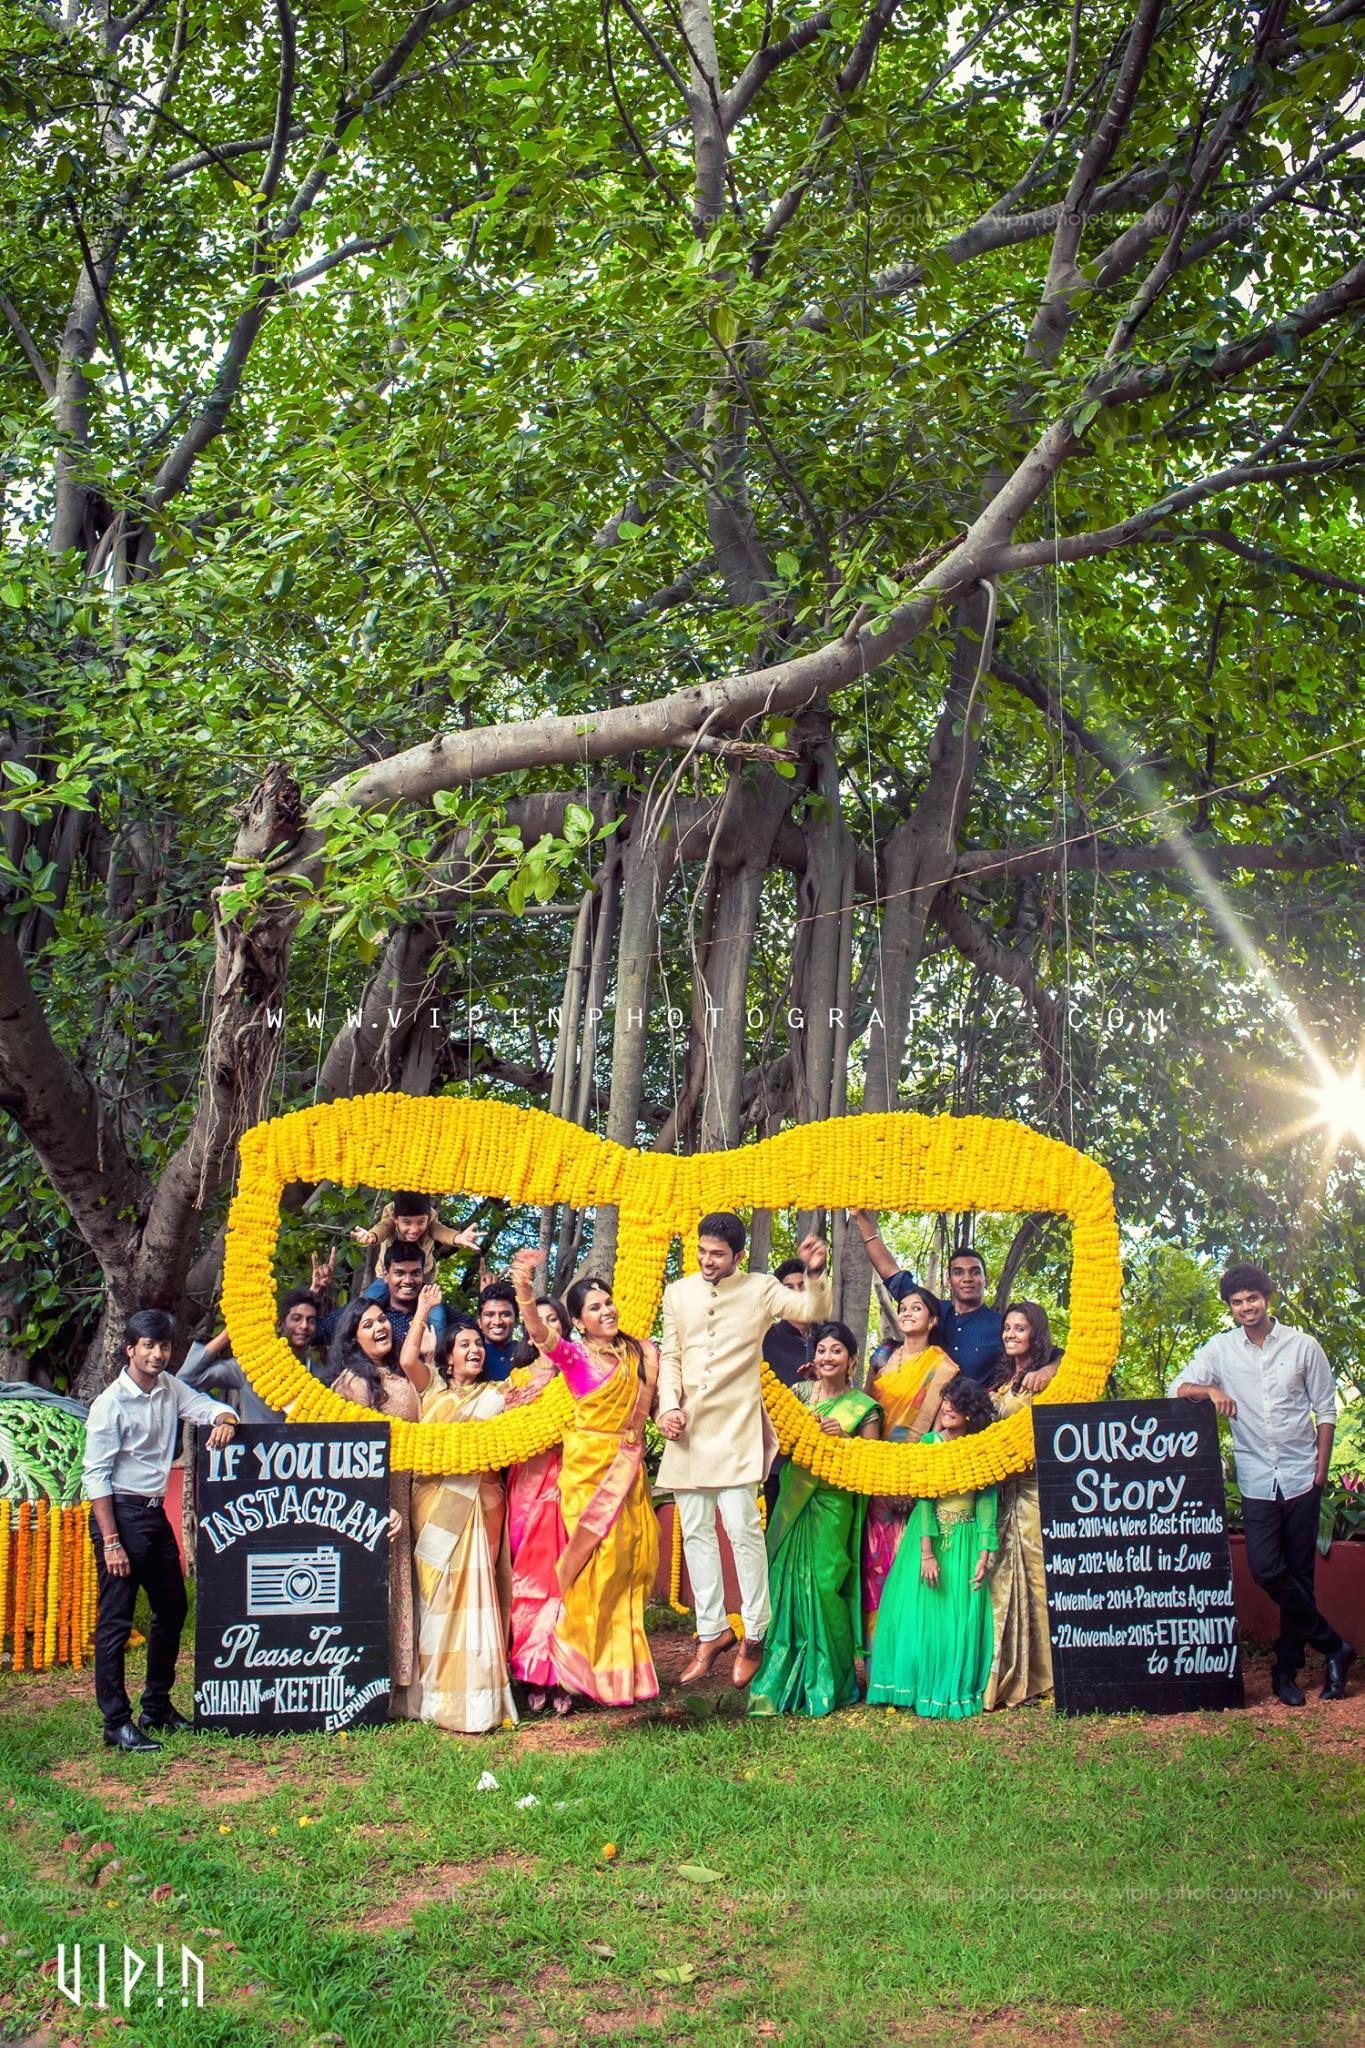 #Indianwedding #traditional #southindian #Wedding #Celebration #photoshoot #happymoments #weddingfun #Candidphotography #Weddingphotography #top10photographerinchennai #chennai #Bestphotographer #celebrityphotographer  #Vipin #PhotographerVipin #Vipinphotography